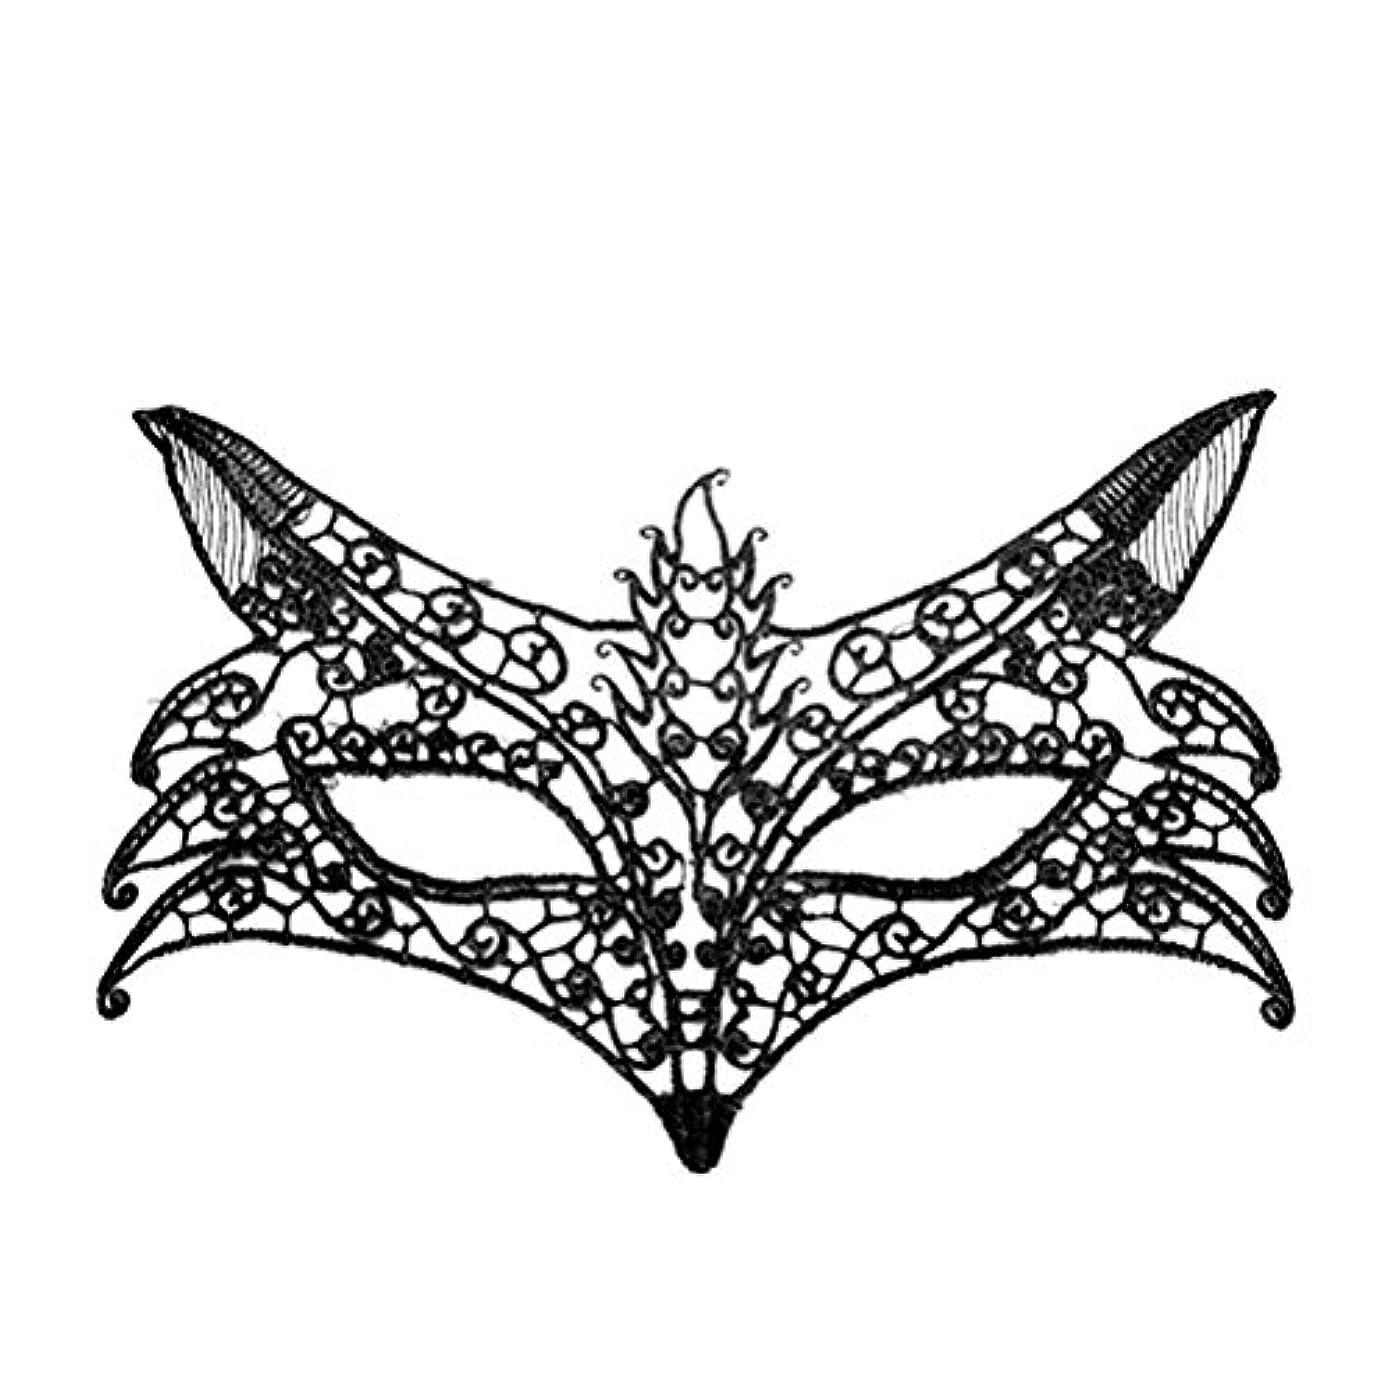 人差し指従来の衝突AMOSFUN キツネの形をしたレースパーティーマスクイブニングパーティーウエディングマスカレードマスク(ブラック)